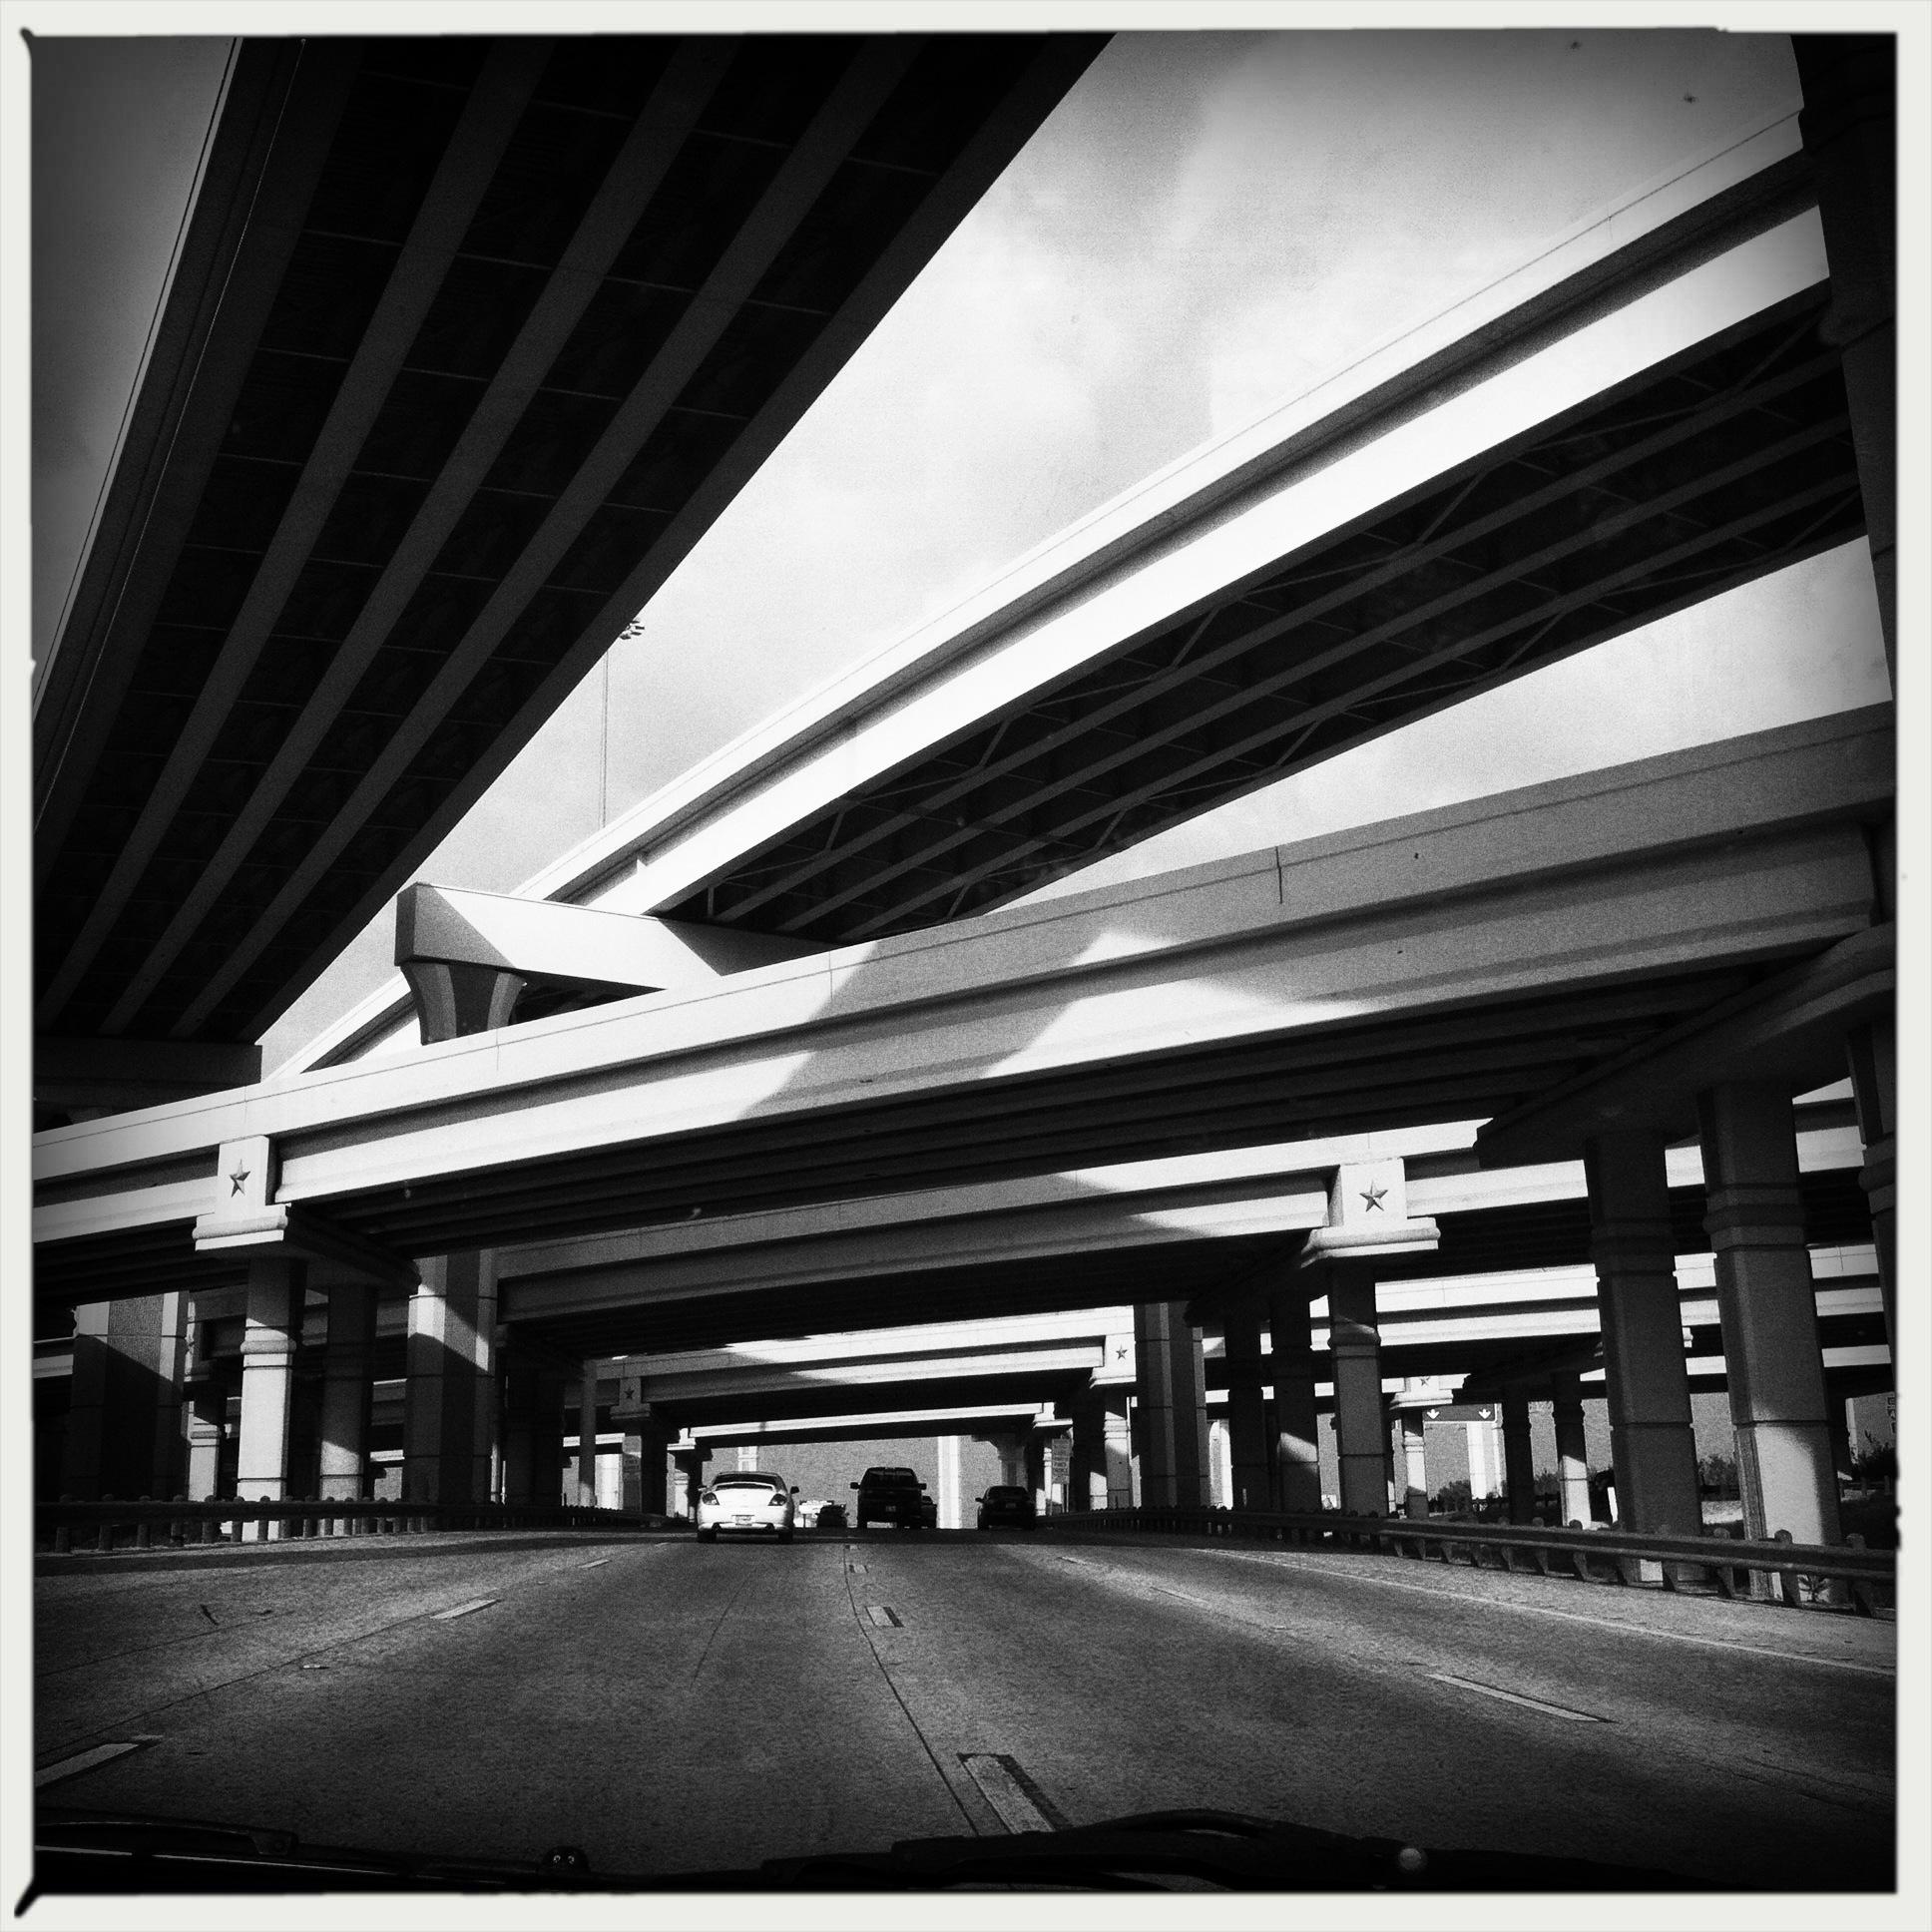 Highway - Foto di Loveyk